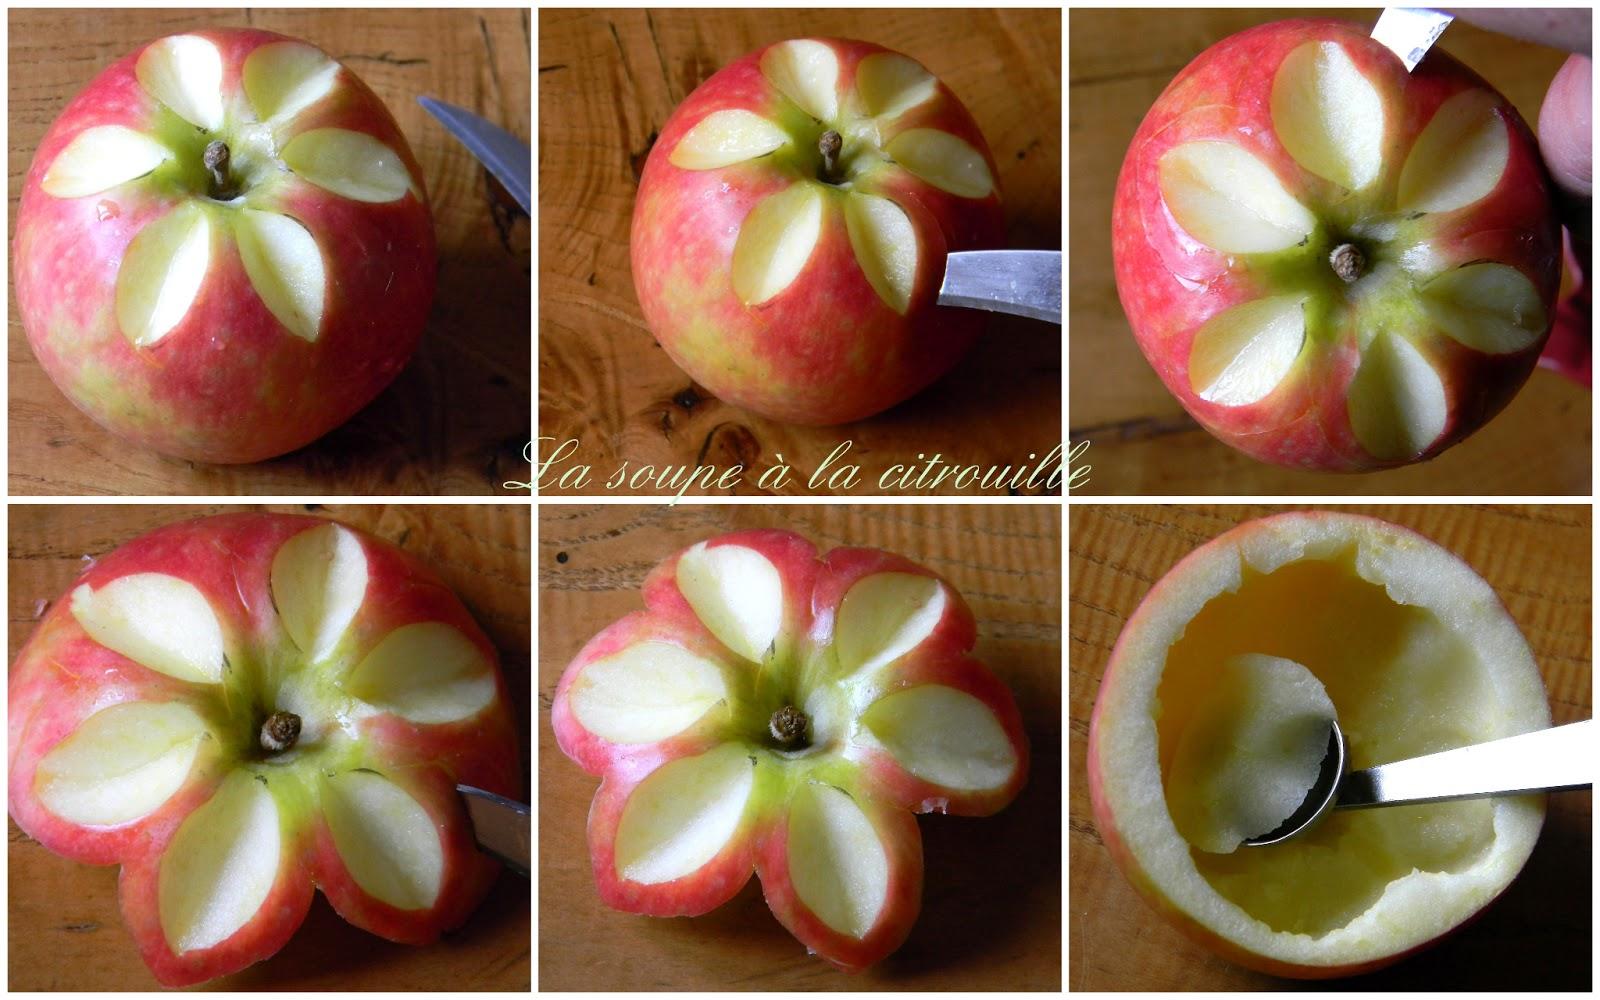 la soupe à la citrouille: les pommes fleurs